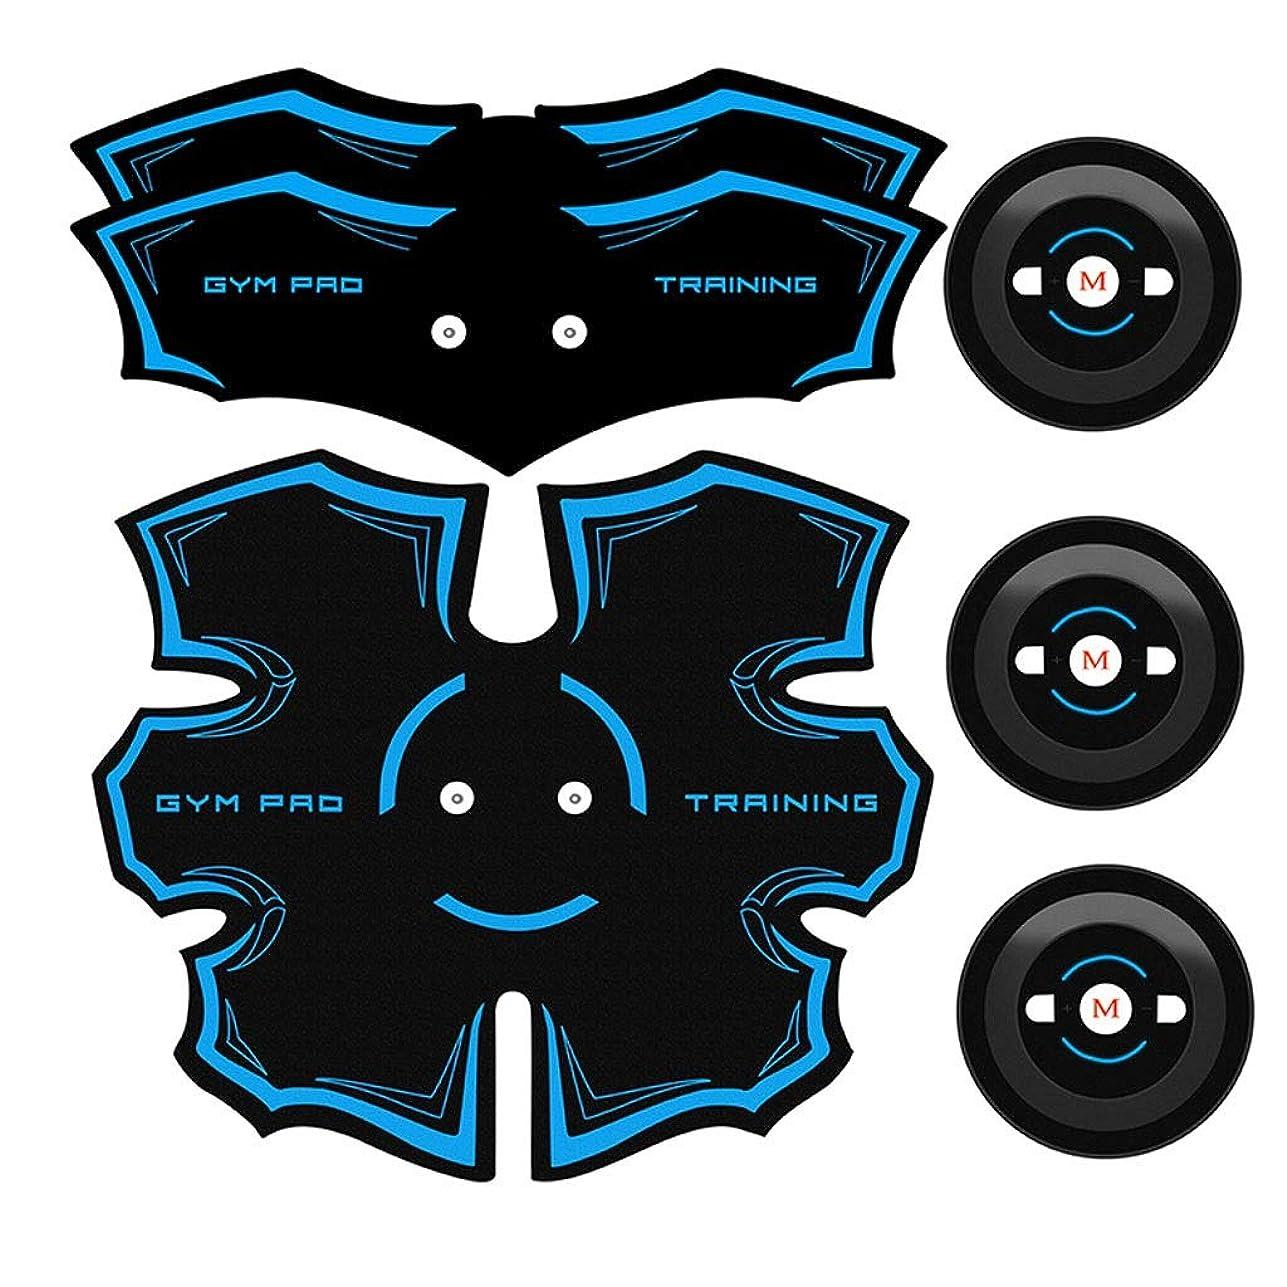 ブース過激派熟したABS刺激剤&マッスルトナー - 腹部調色ベルト&EMSボディマッスルトレーナー脂肪バーナー機器刺激強度 - ポータブルUSB充電器 (Color : Blue)